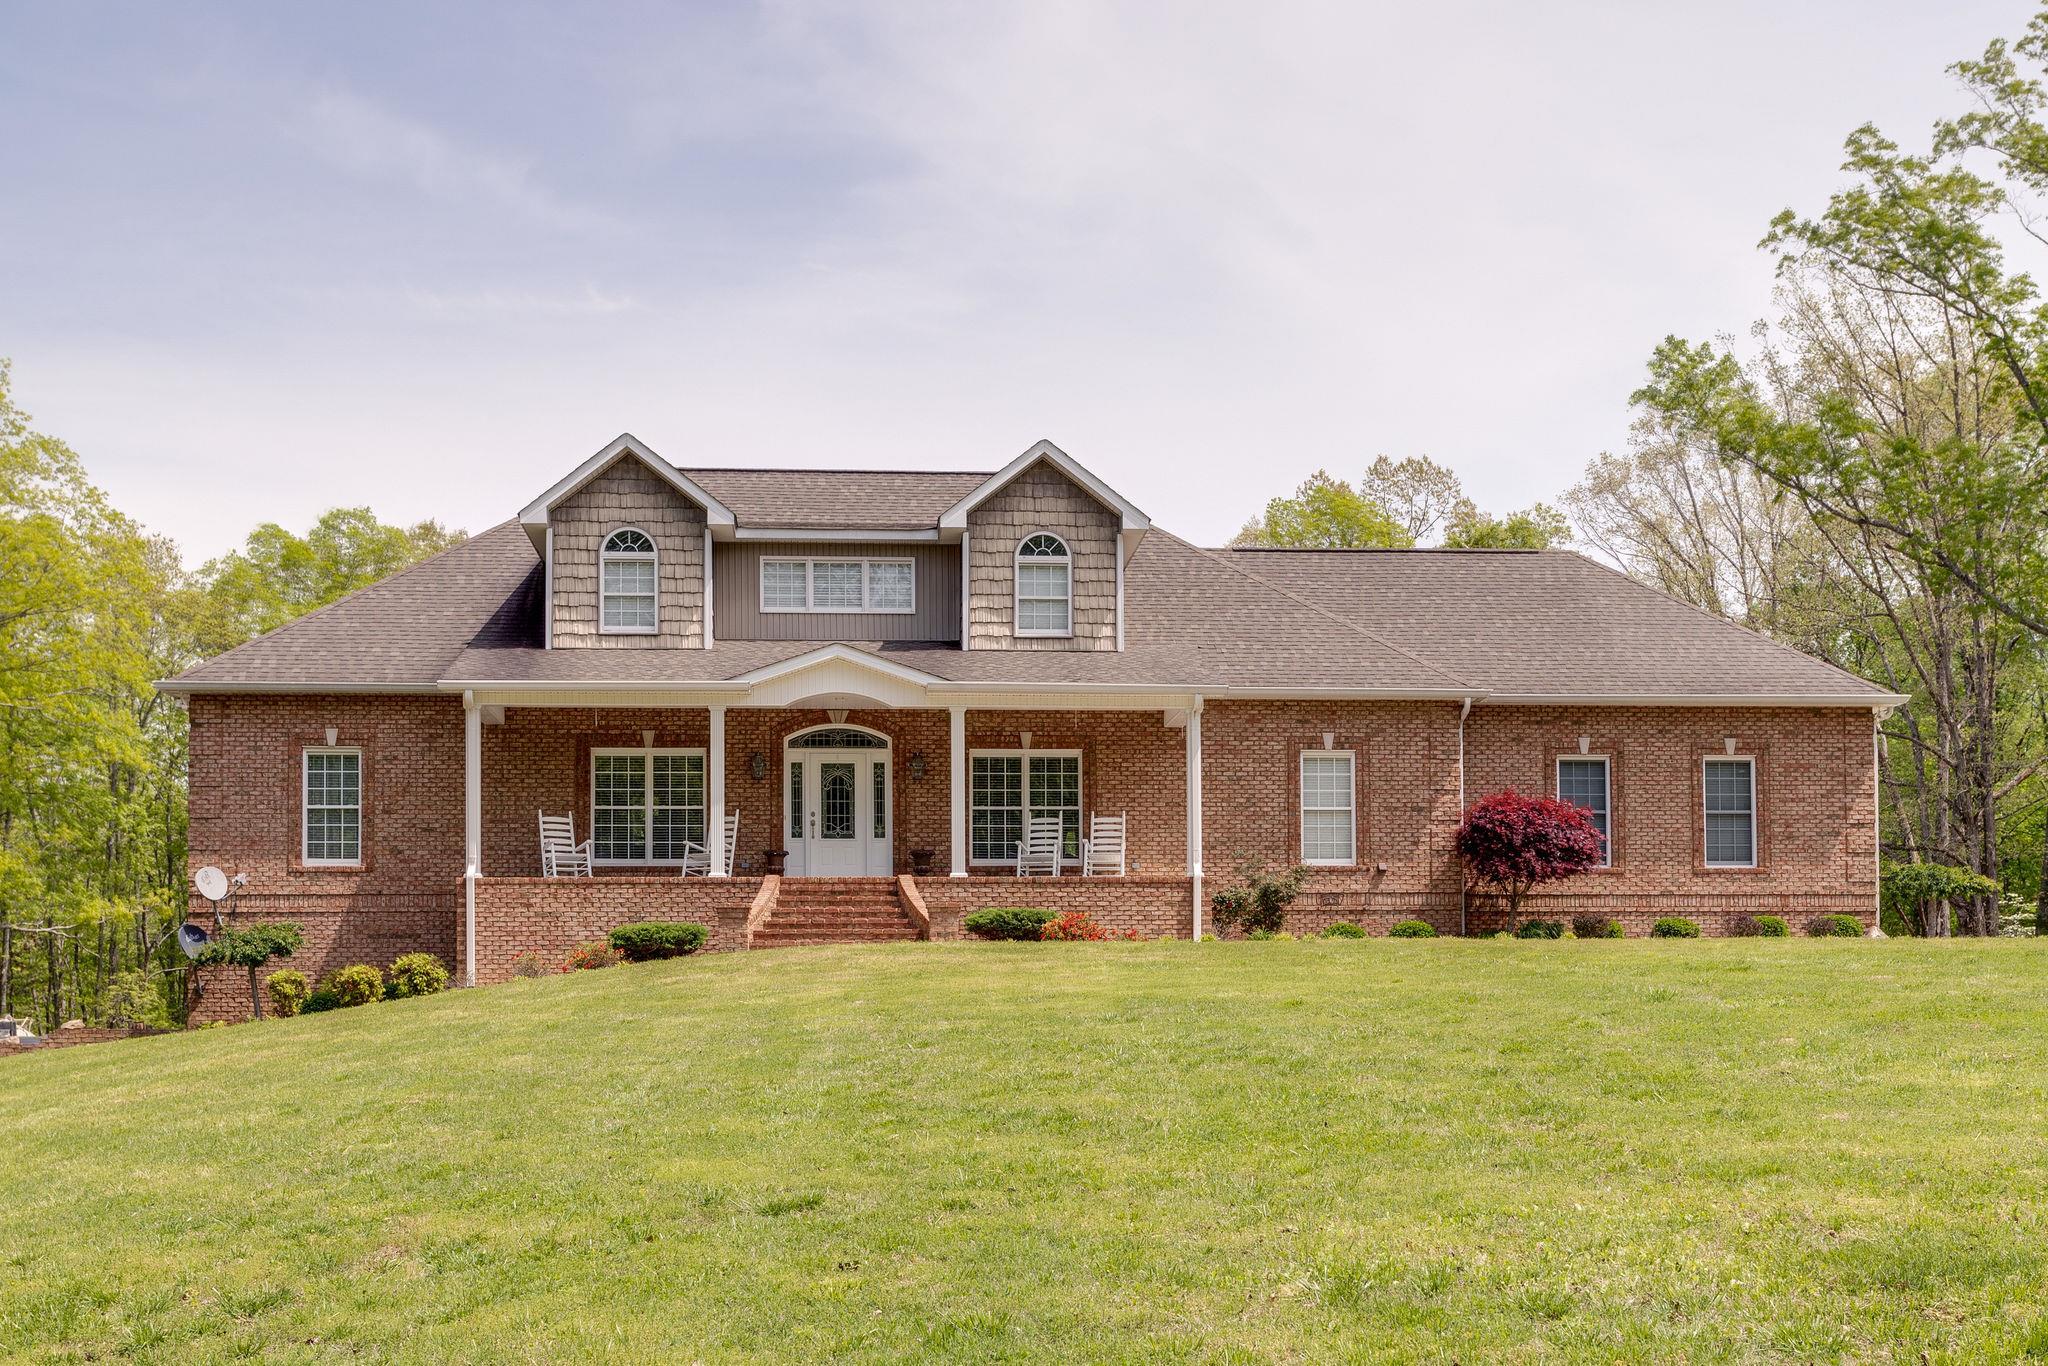 135 Vols Lane, Estill Springs, TN 37330 - Estill Springs, TN real estate listing